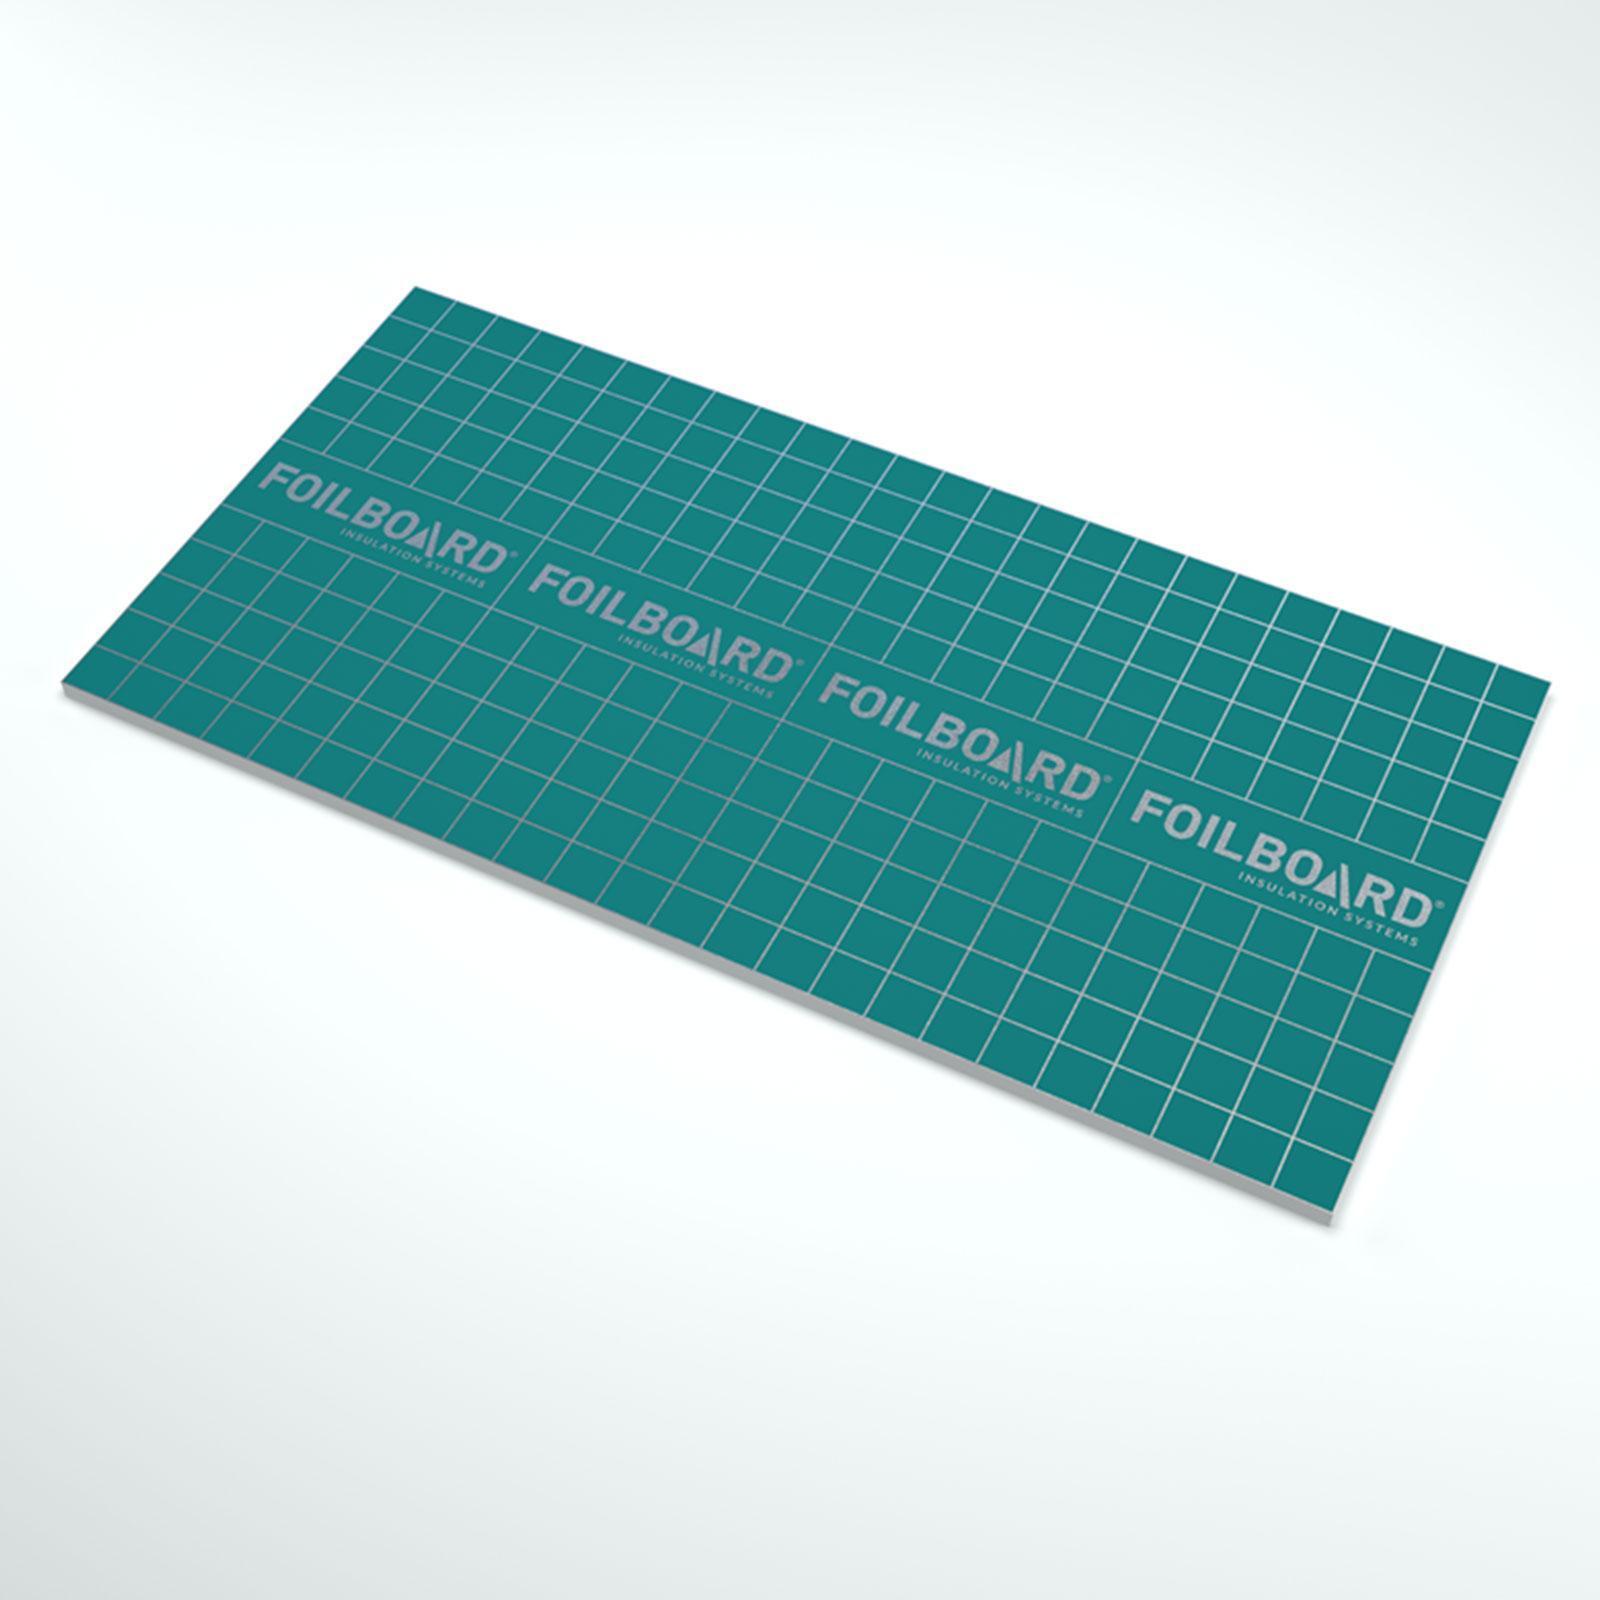 Foilboard 10mm x 2400mm x 1200mm Standard 10 Insulation